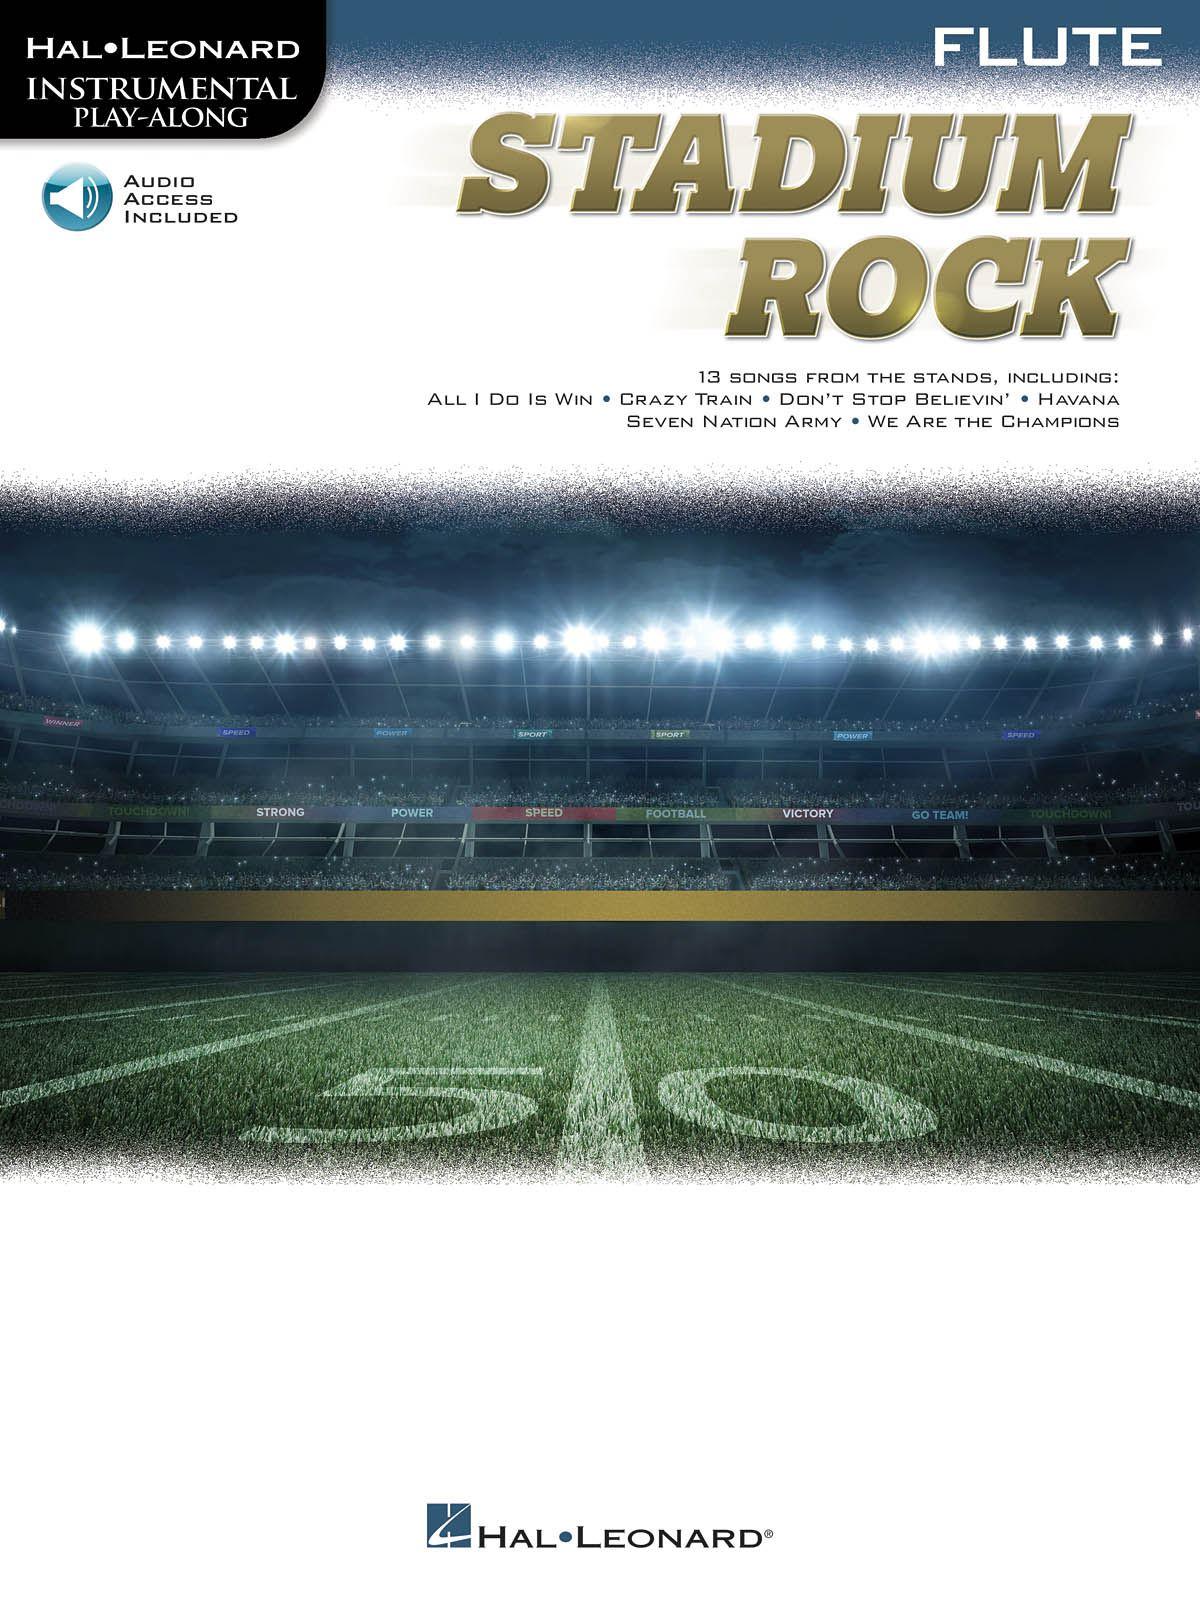 Stadium Rock for Flute: Flute: Instrumental Album